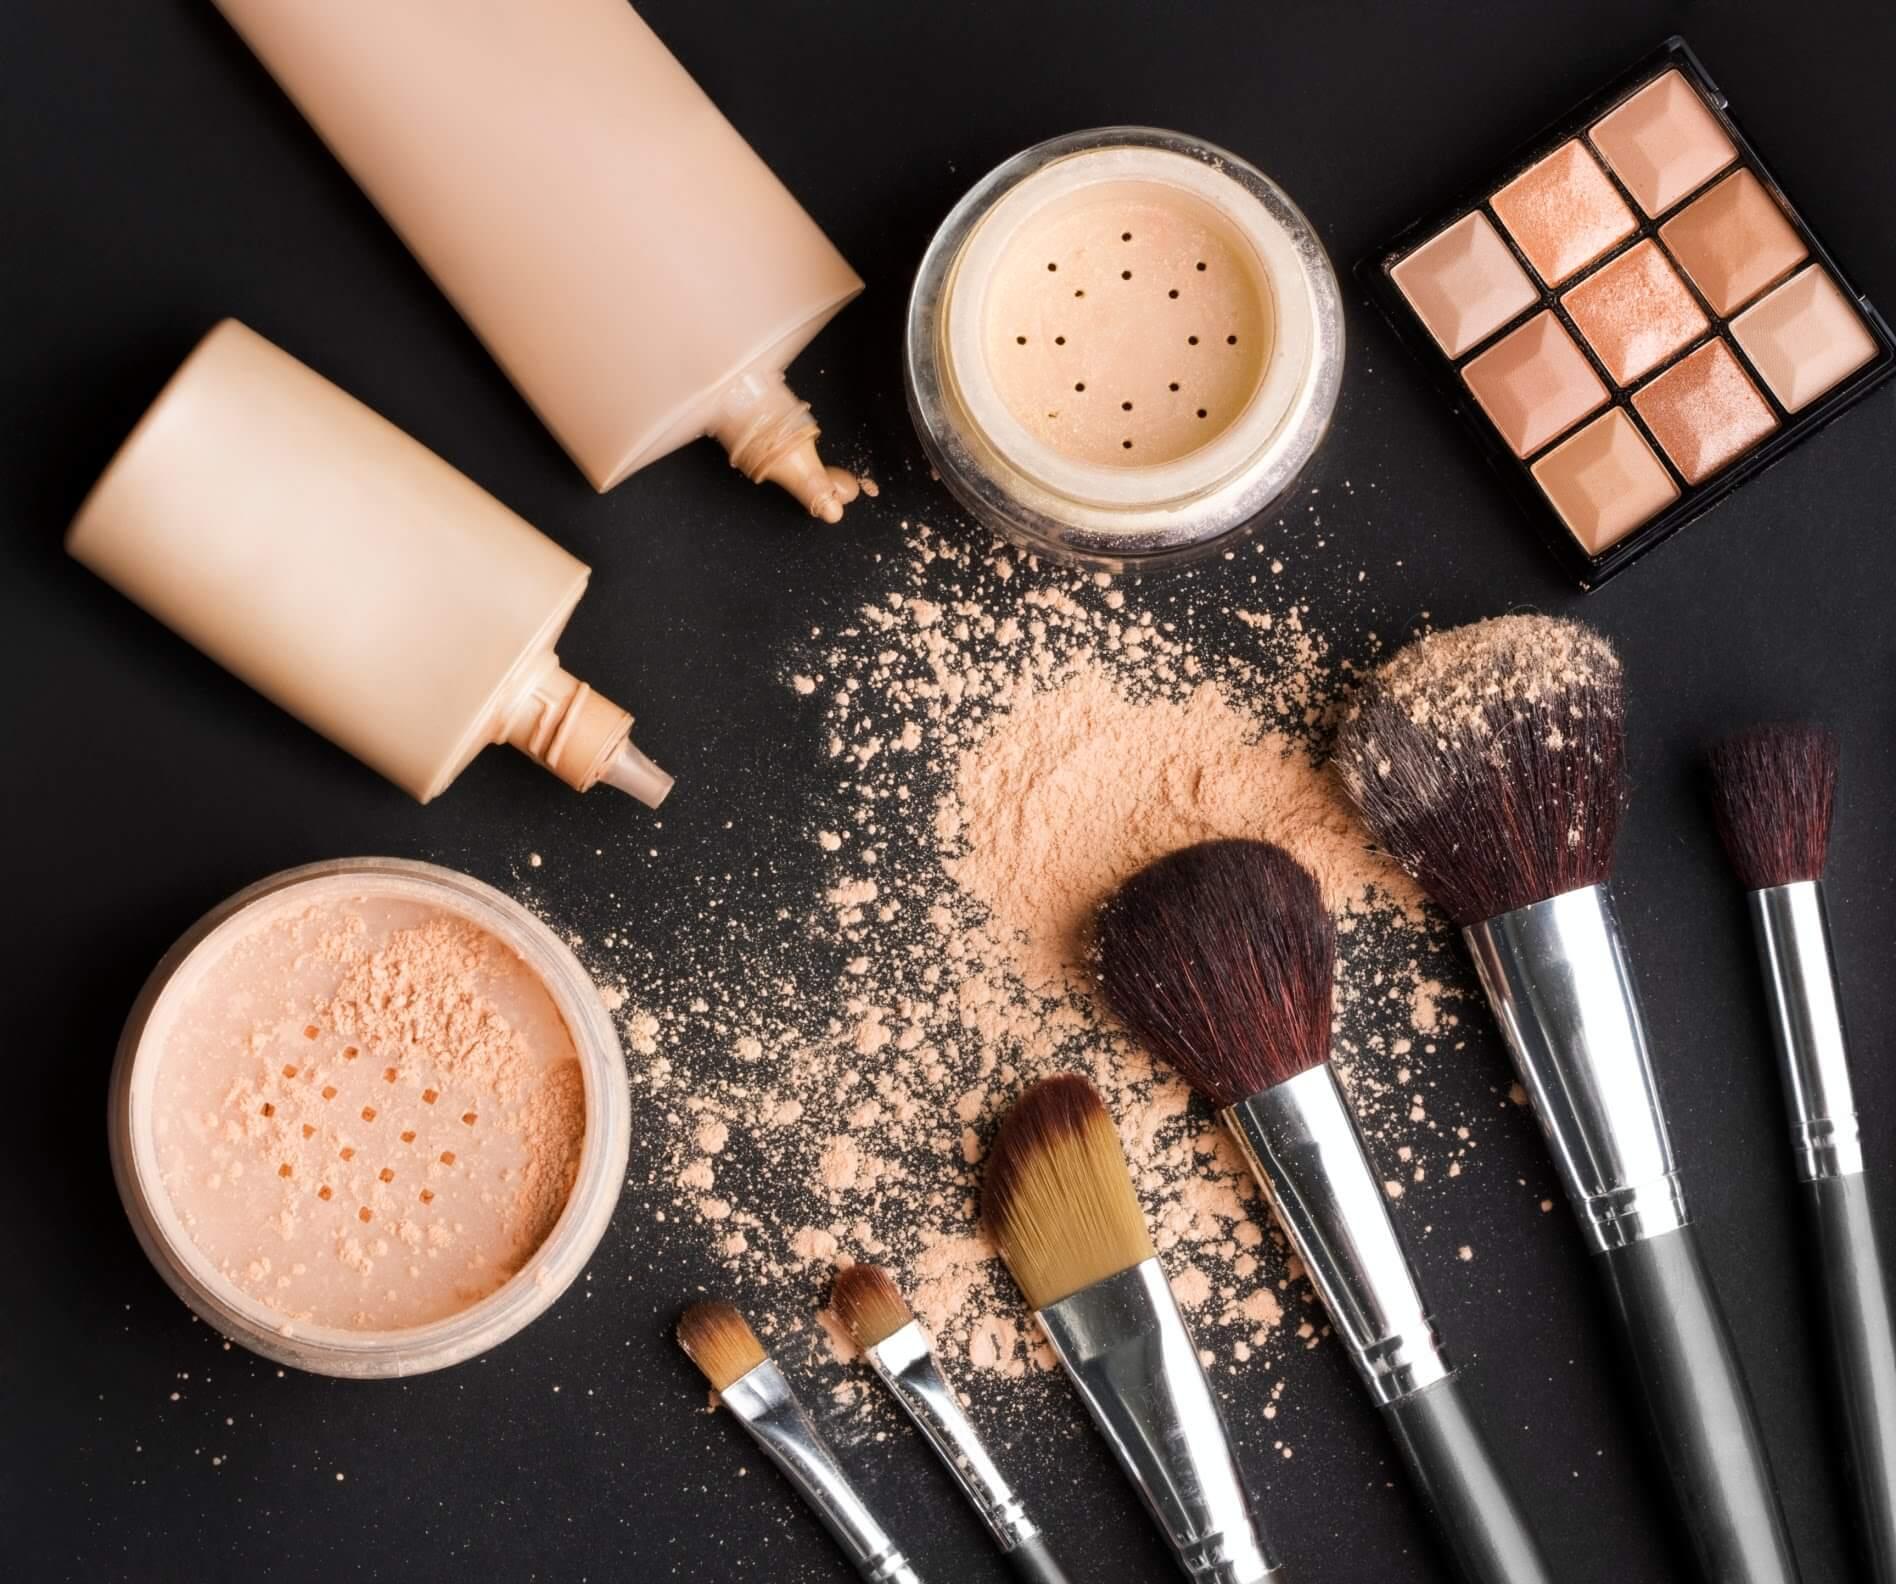 las-mejores-marcas-de-maquillaje-2018